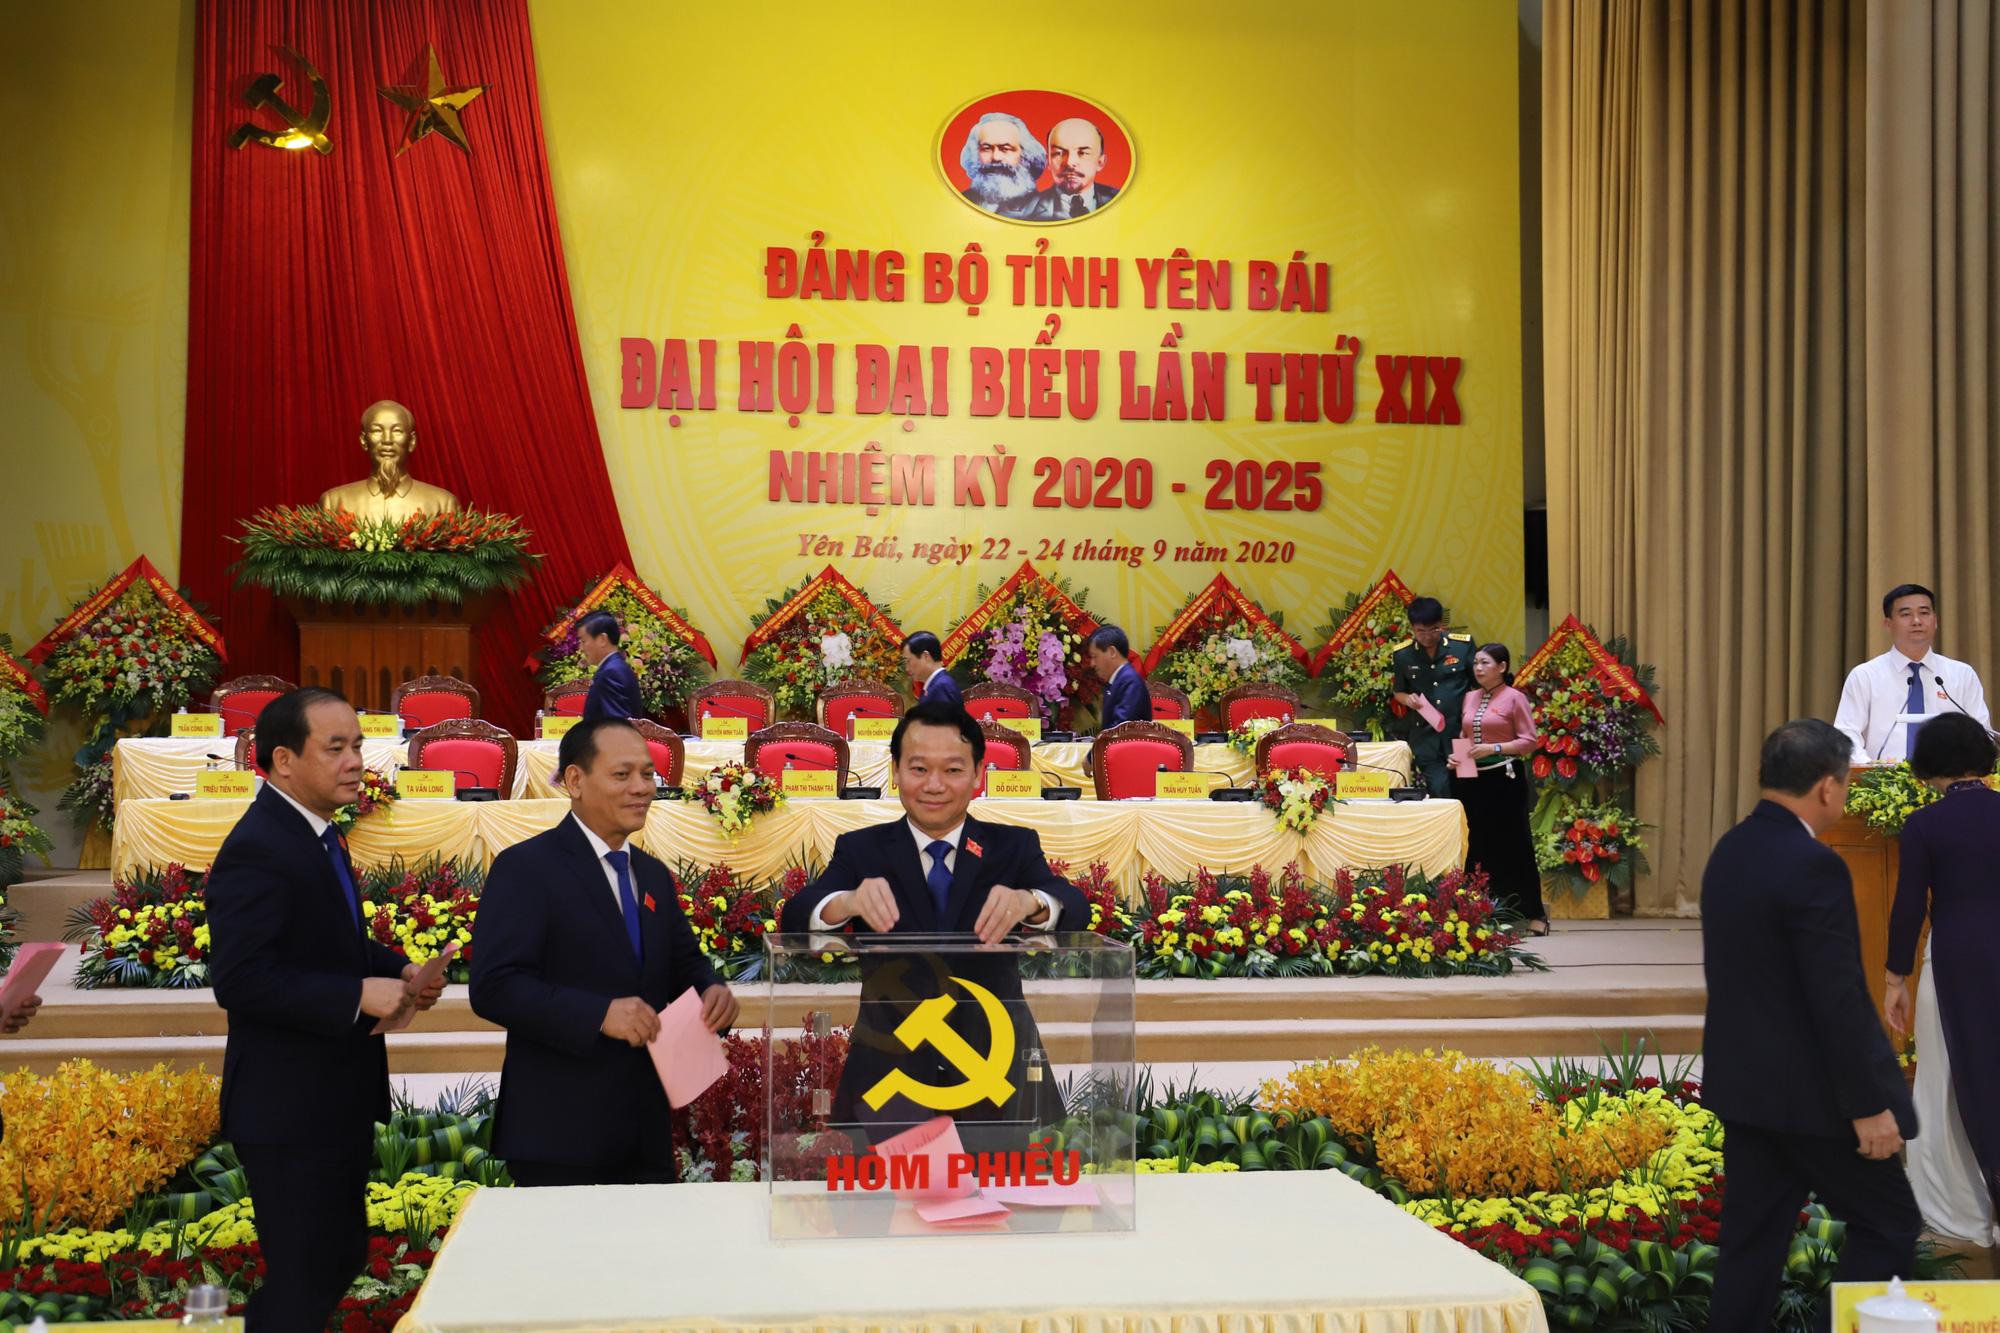 Yên Bái lấy phiếu giới thiệu nhân sự chức danh Bí thư Tỉnh ủy khóa XIX - Ảnh 2.